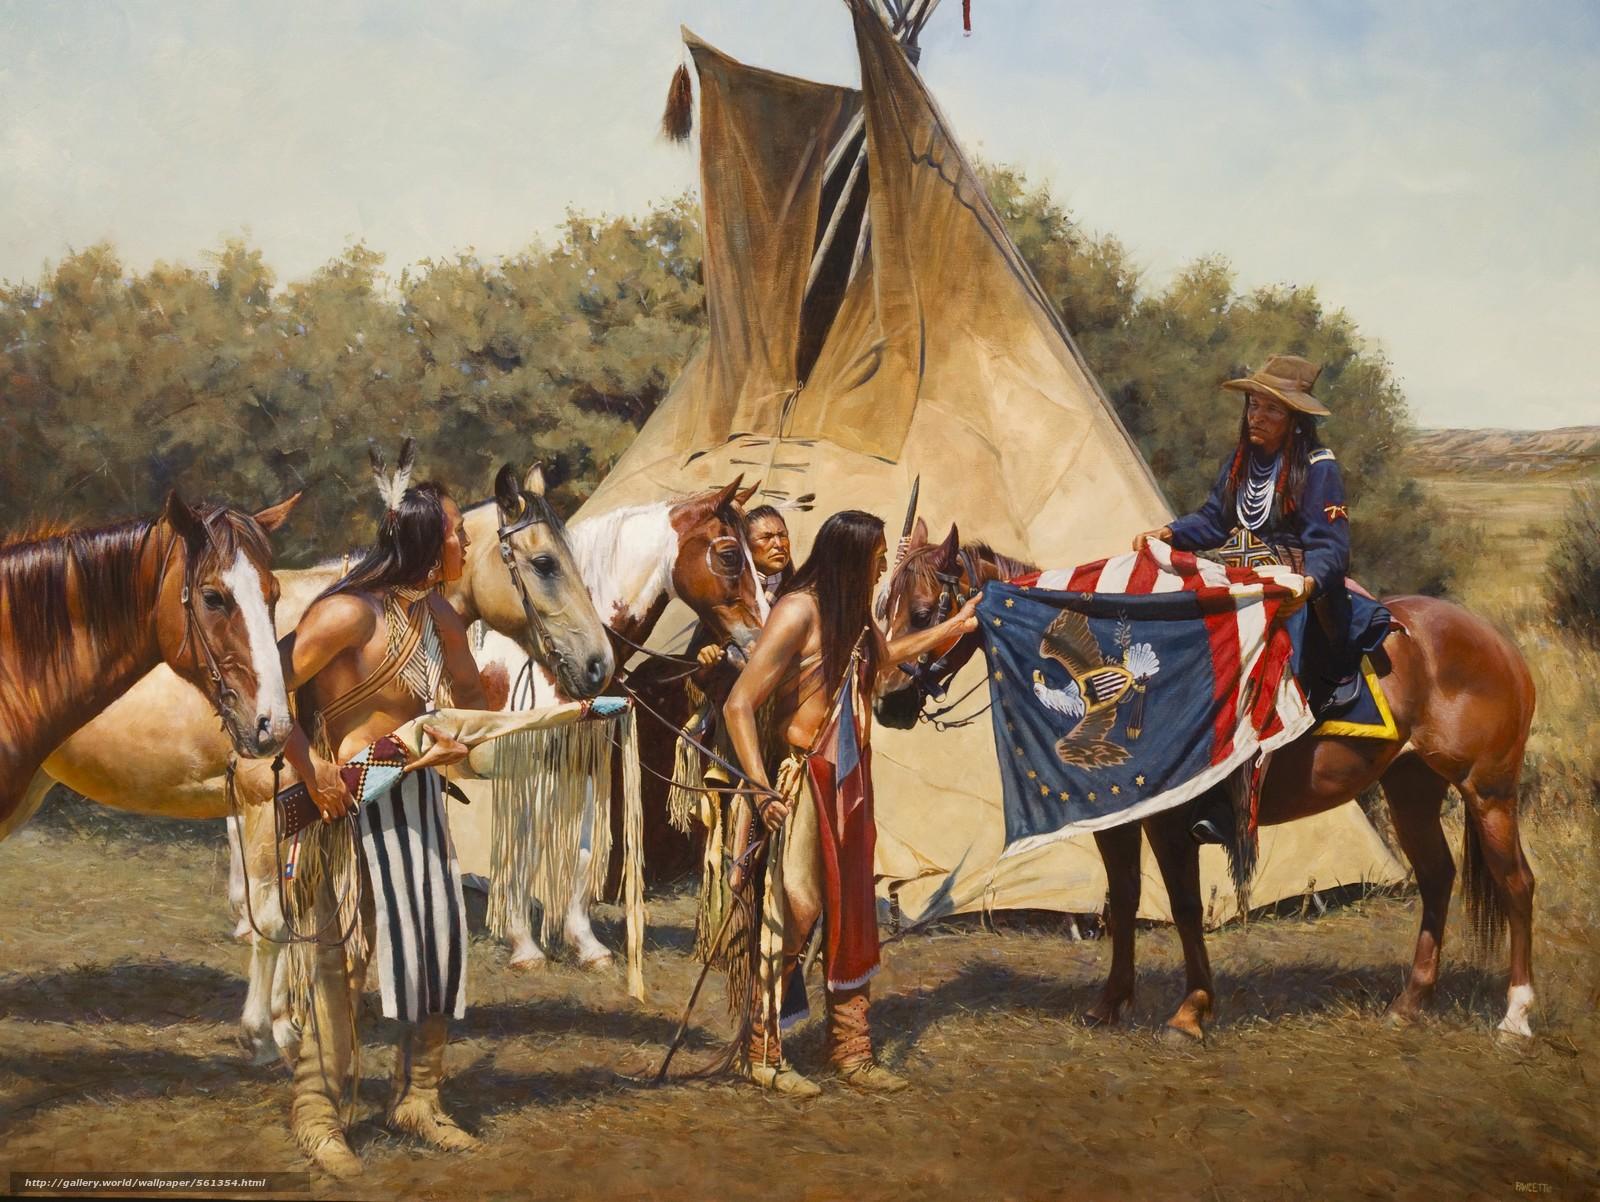 Steven C White Paintings